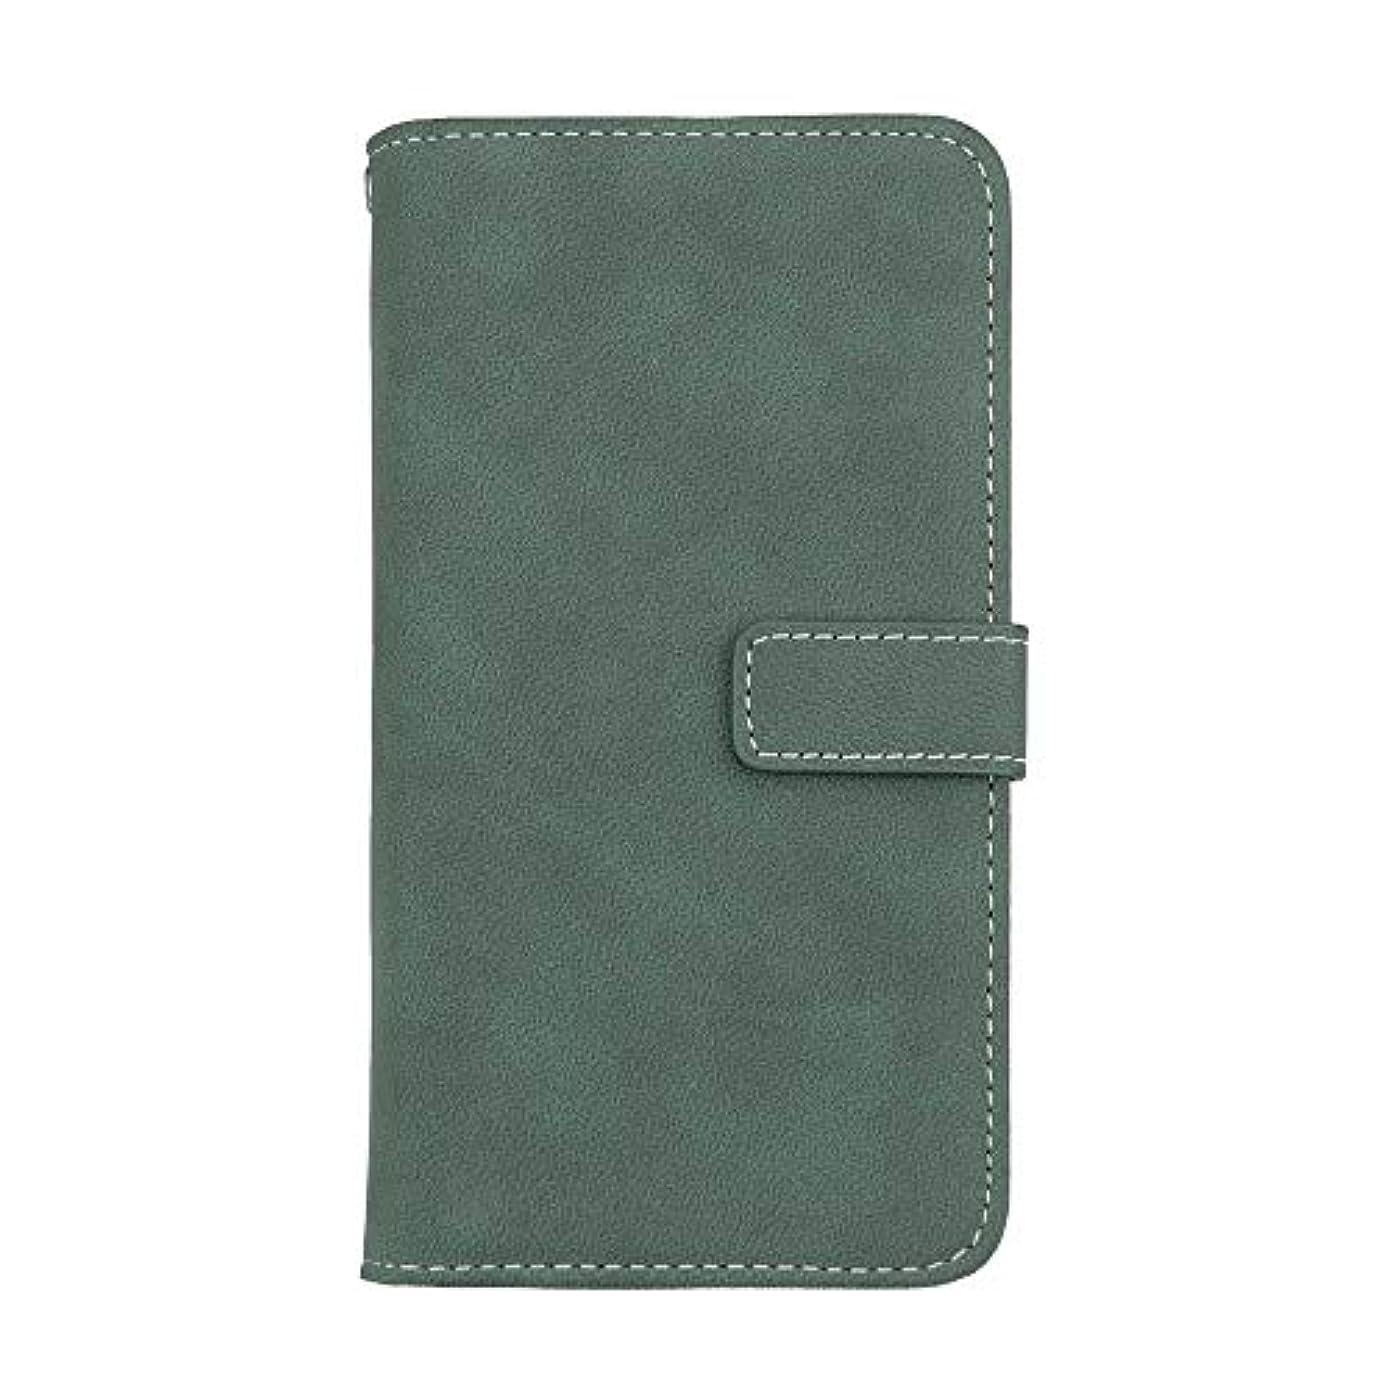 関与する樹皮緩むXiaomi Redmi Note 3 高品質 マグネット ケース, CUNUS 携帯電話 ケース 軽量 柔軟 高品質 耐摩擦 カード収納 カバー Xiaomi Redmi Note 3 用, グリーン